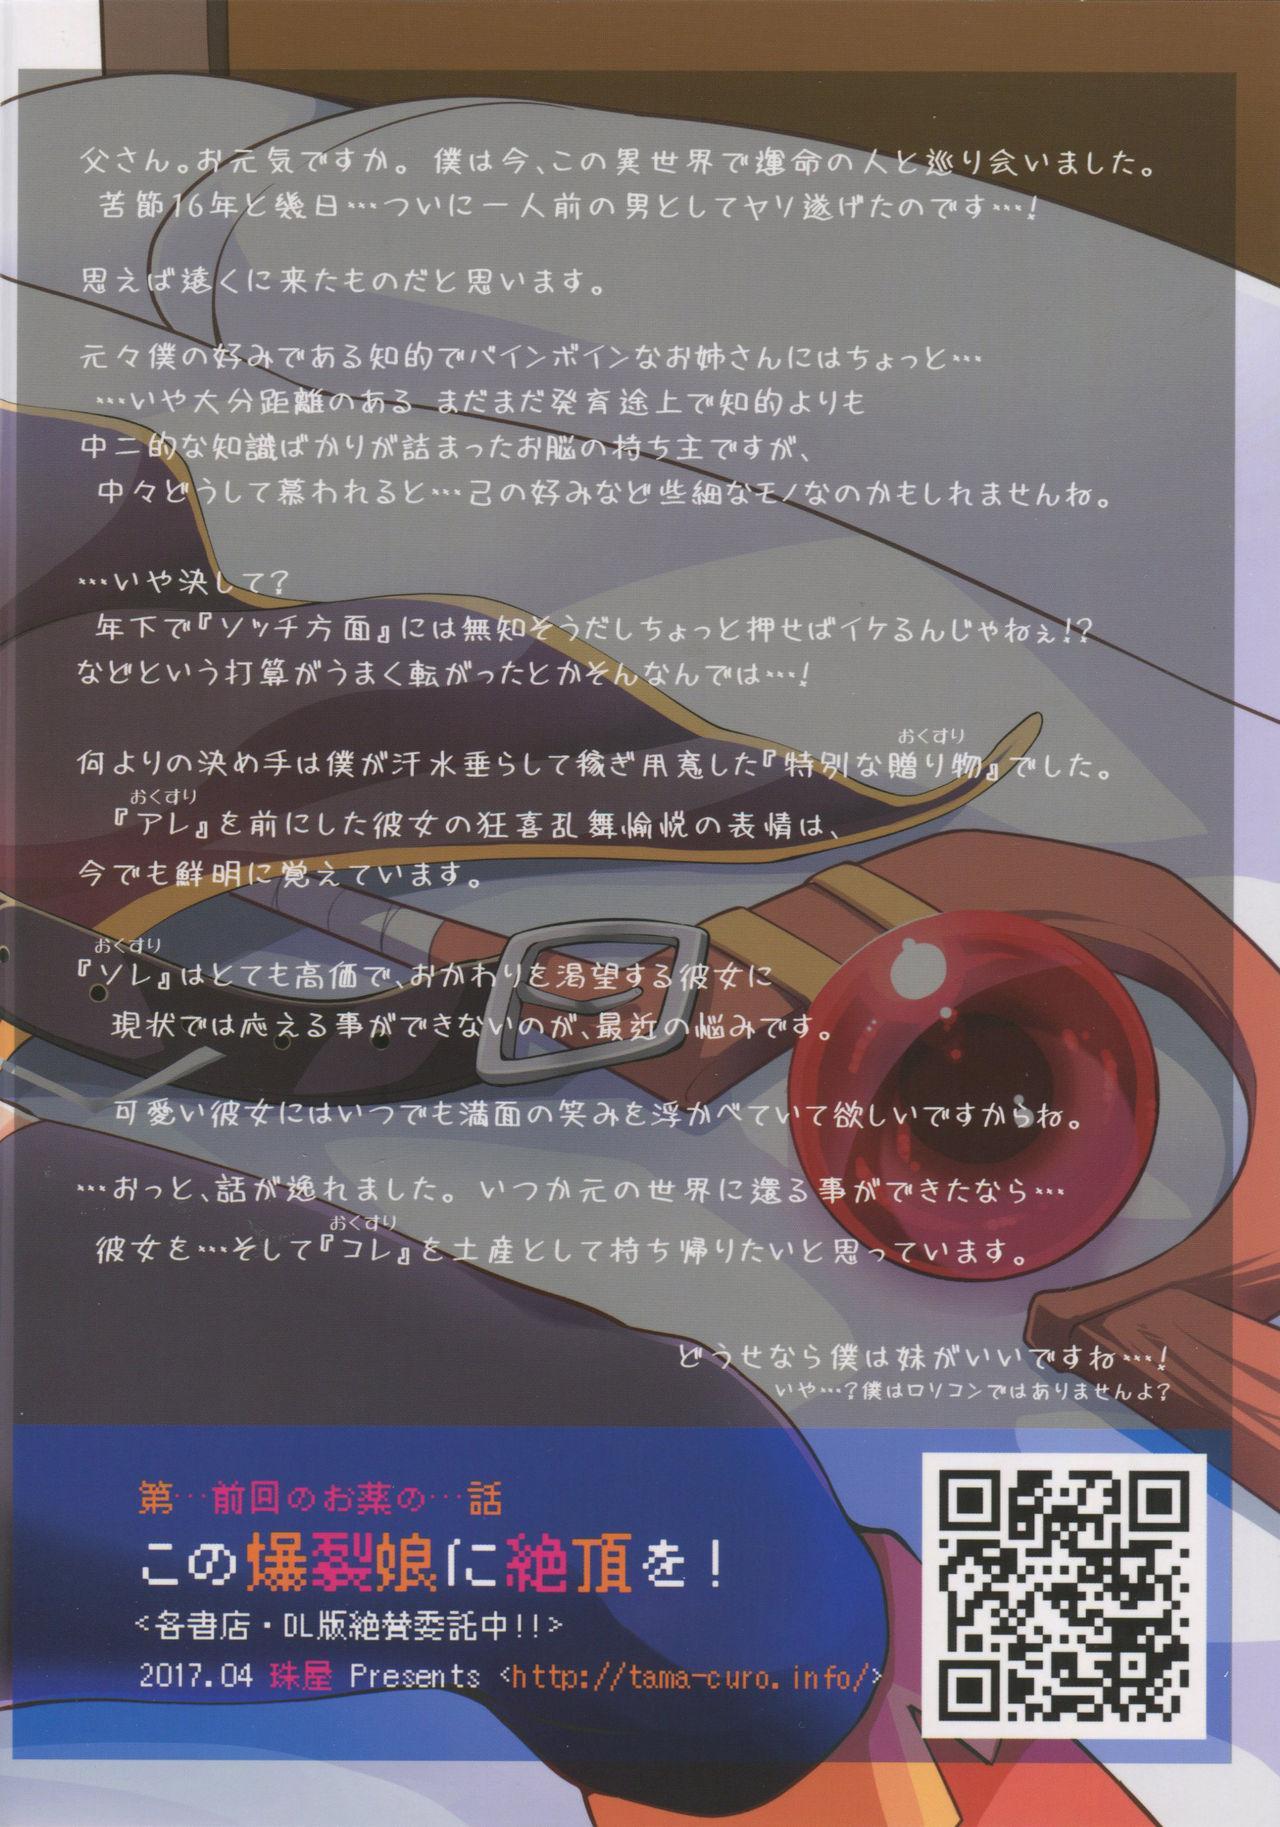 Kono Bakuretsu Musume ni Motto Ecstasy o!! 21